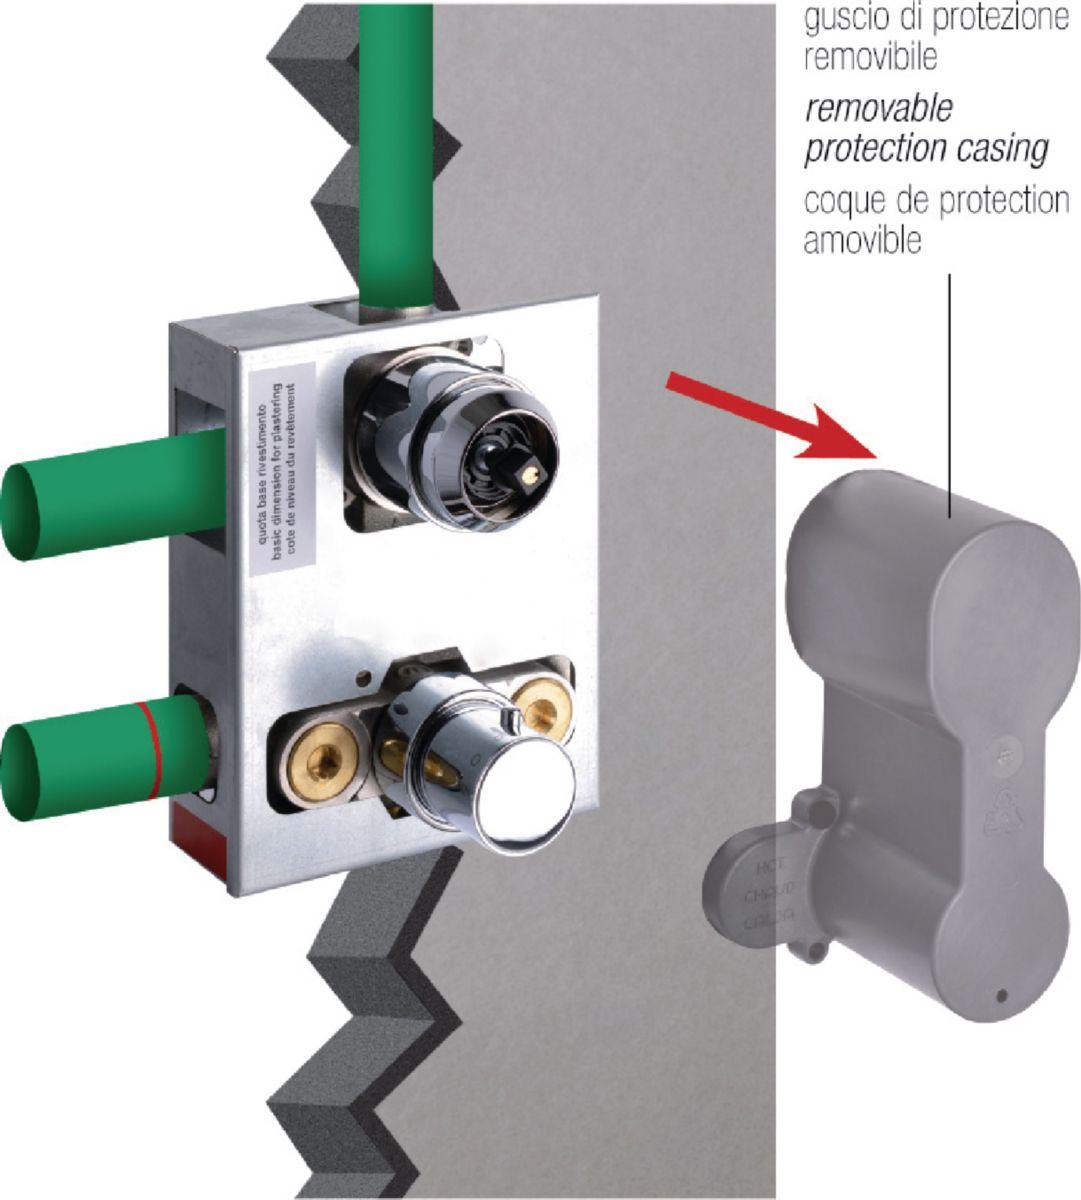 Ensemble thermostatique 2 voies encastré avec corps d'encastrement et coude de sortie pour douchette